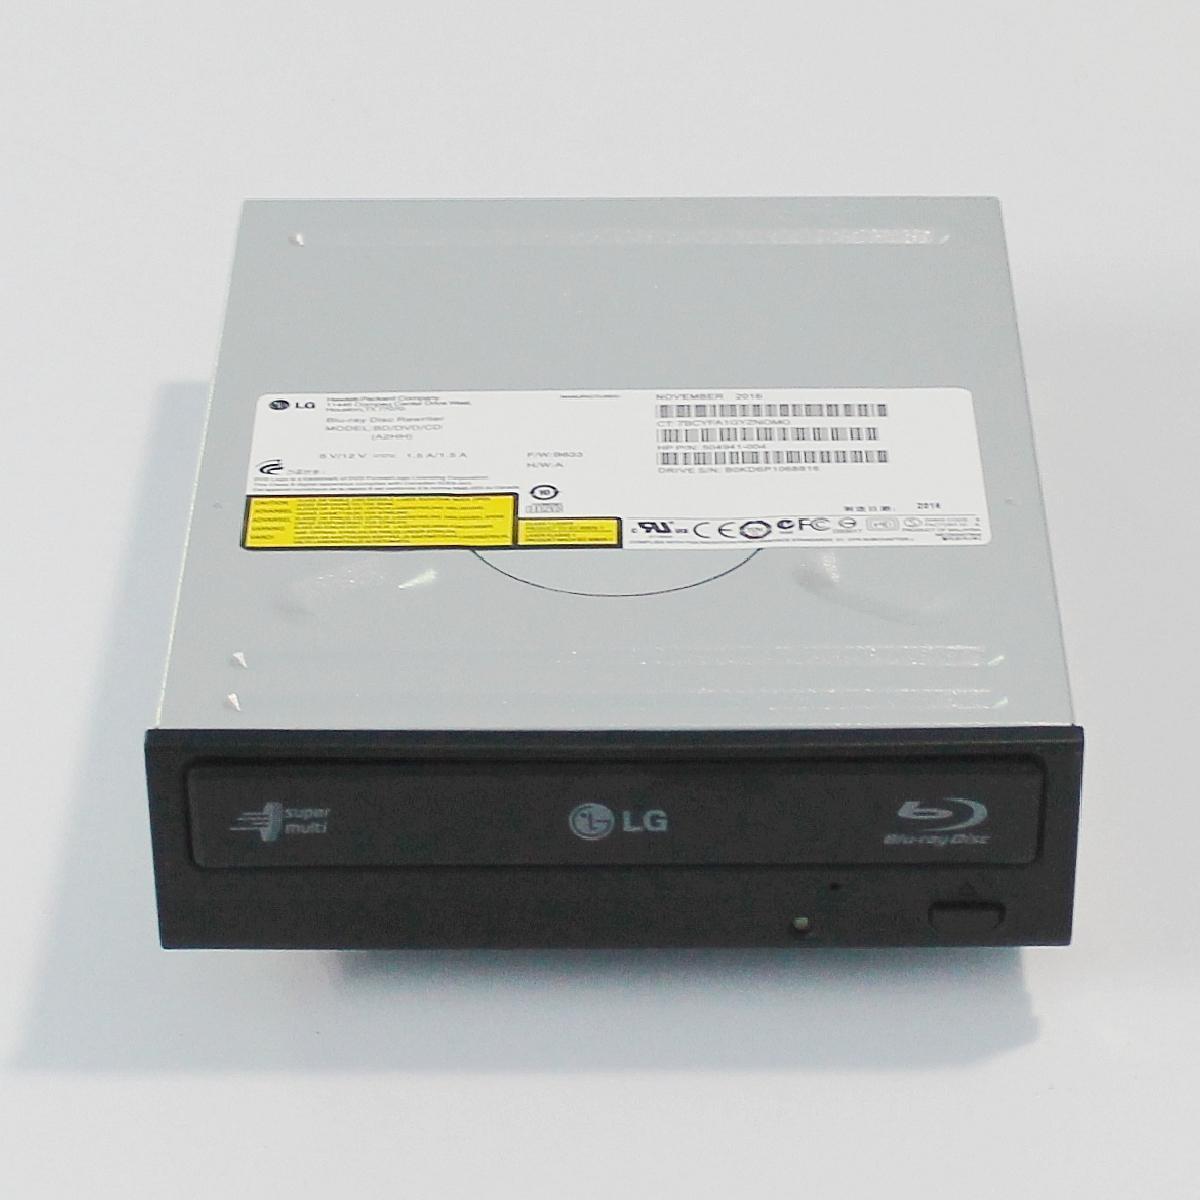 OEM Per LG BH12NS30 12x Blu-Ray Burner Super Multi DVD/CD Writer Interno SATA Drive Per PC 16X DVD